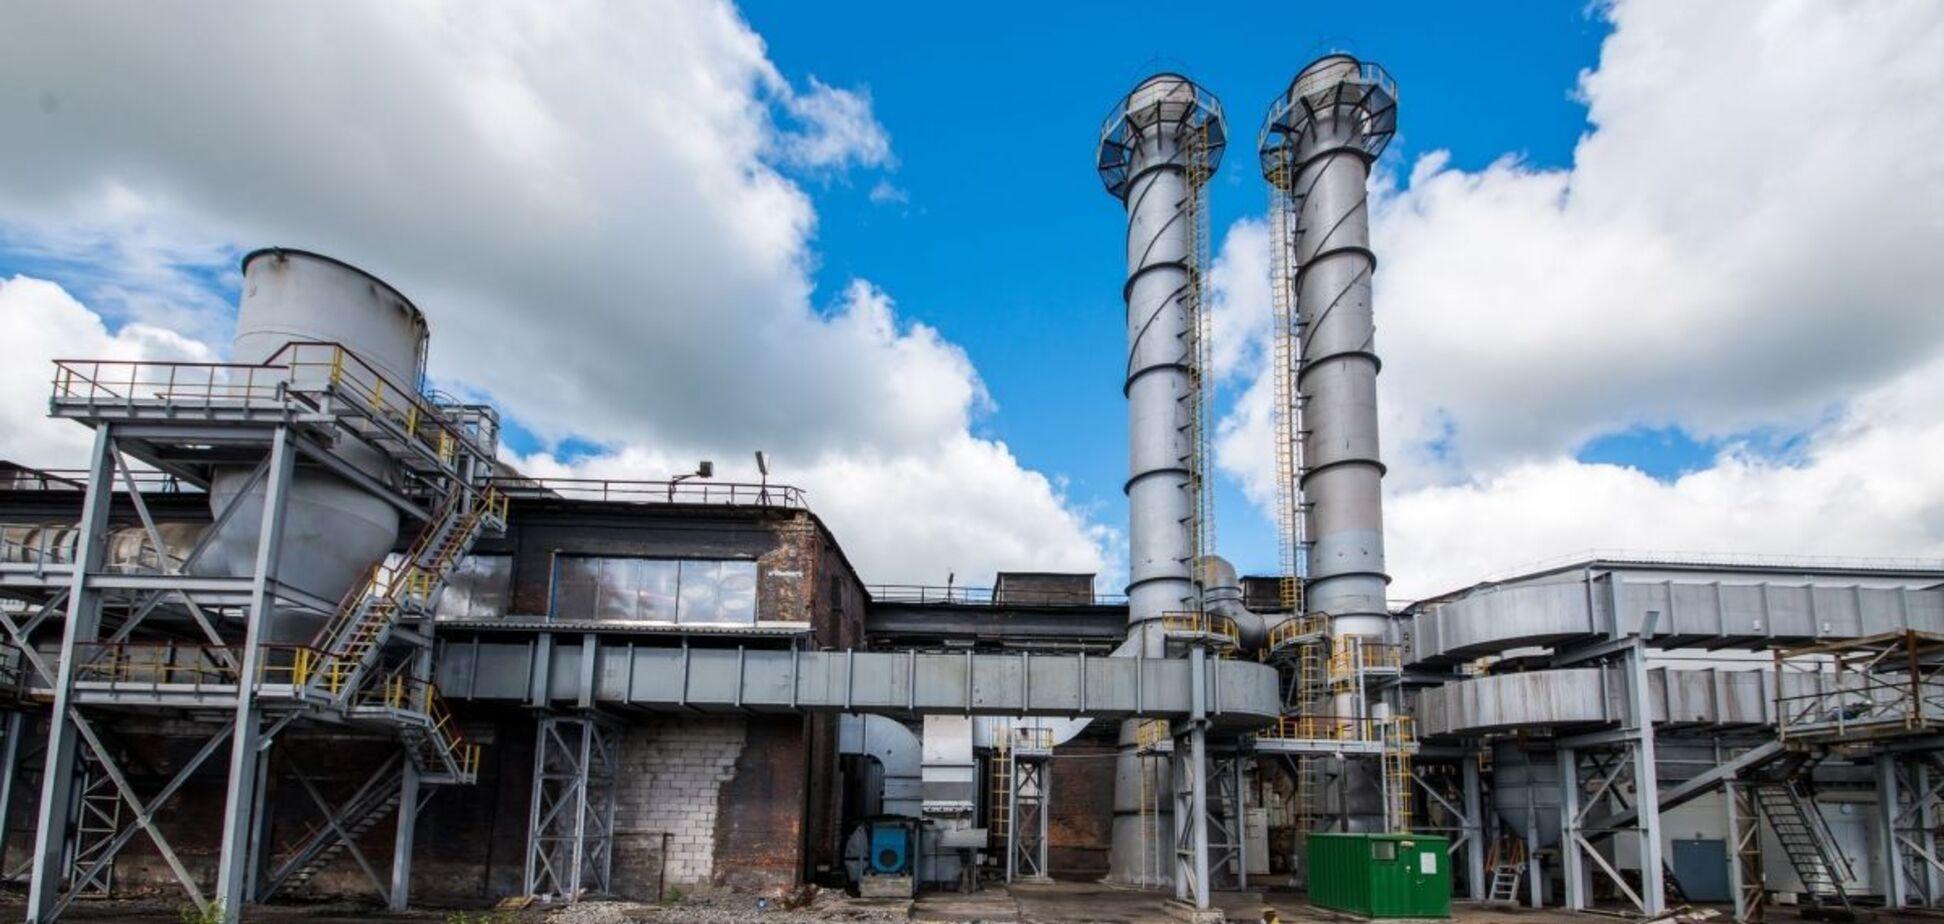 Никопольский завод ферросплавов отключил от сети солнечную станцию канадской компании TIU Canada